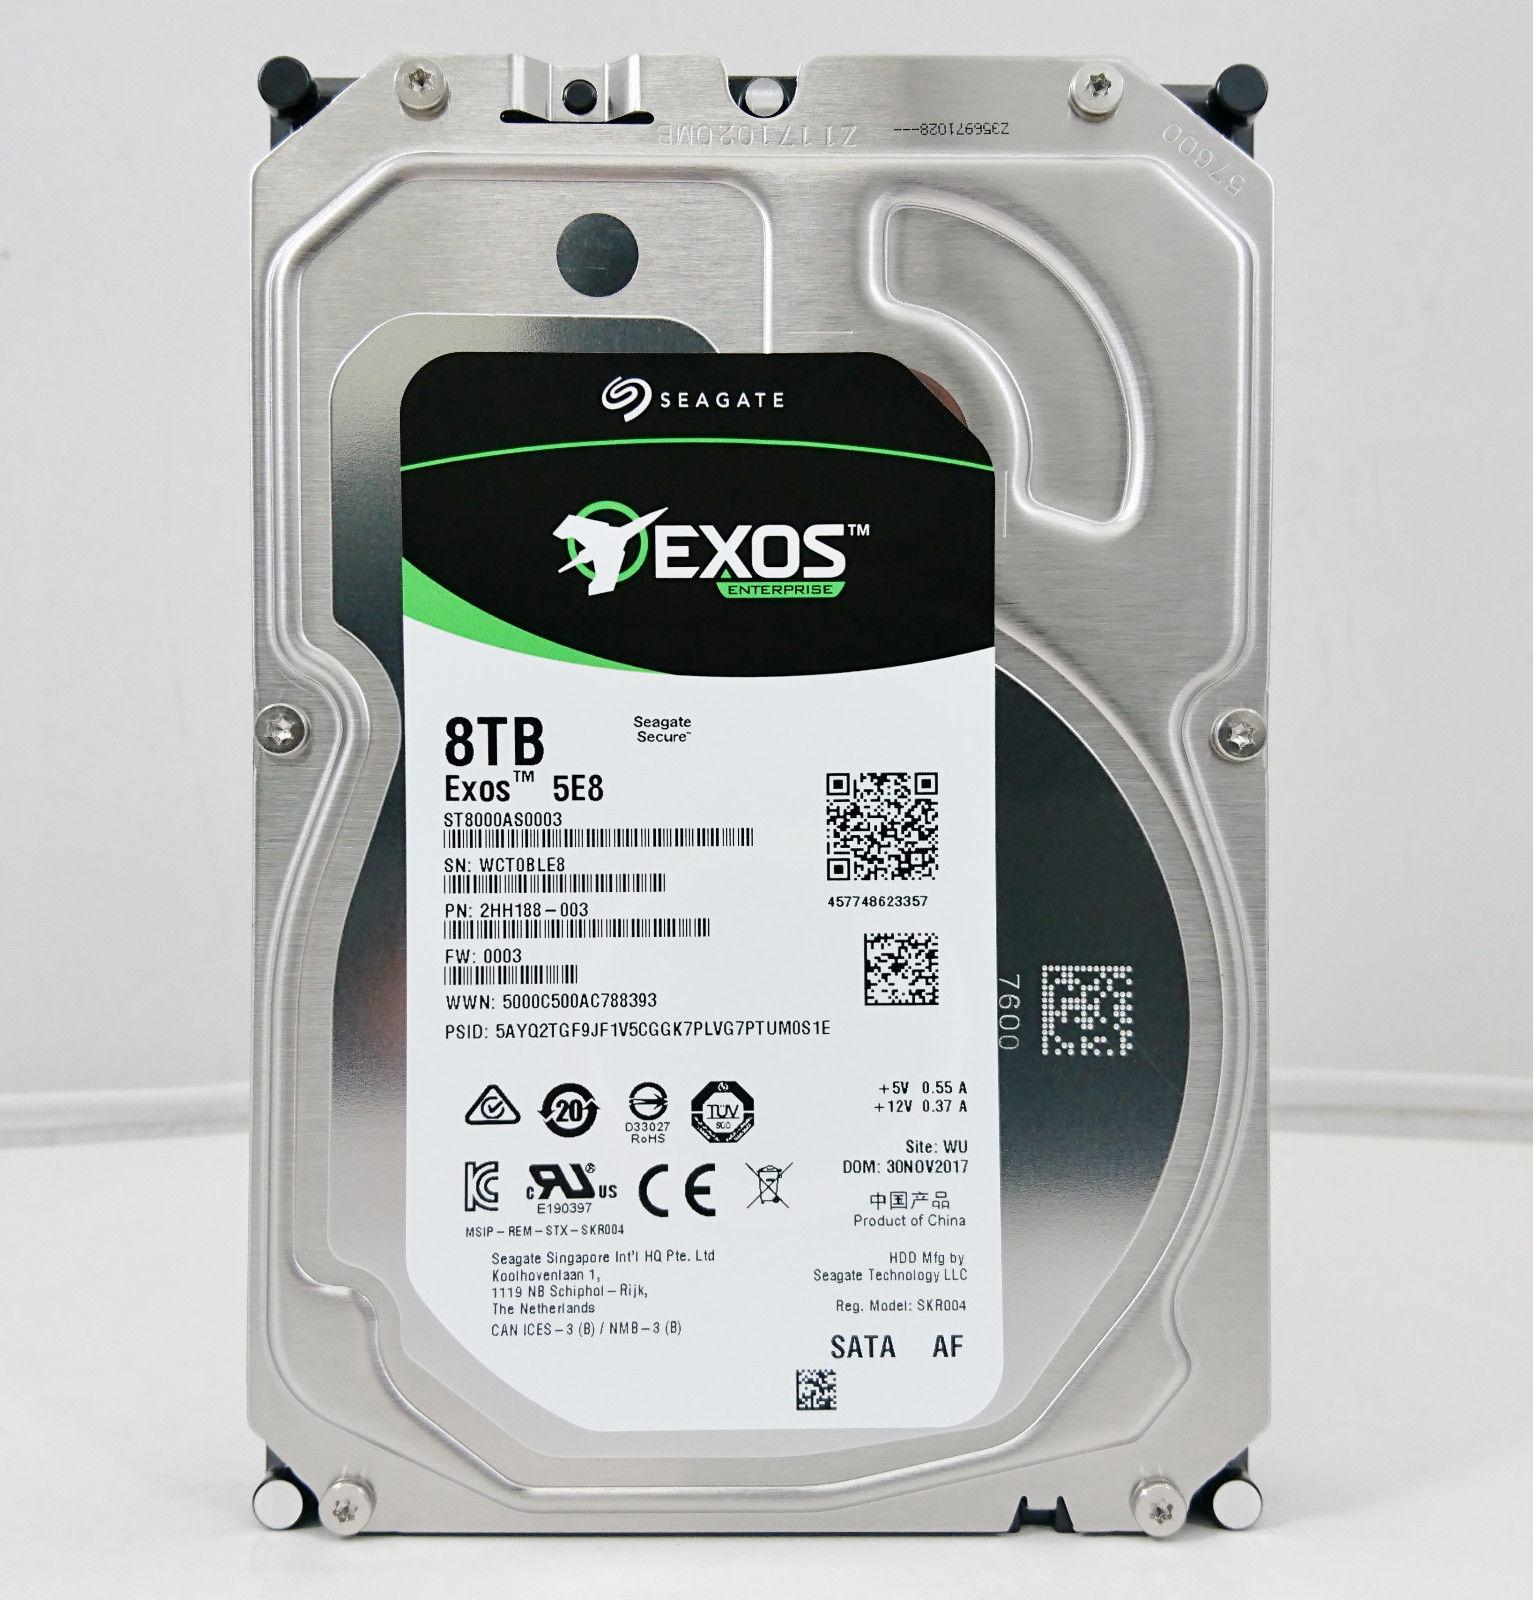 Seagate Archive Exos 5E8 ST8000AS0003 8 TB 5400RPM 3 5